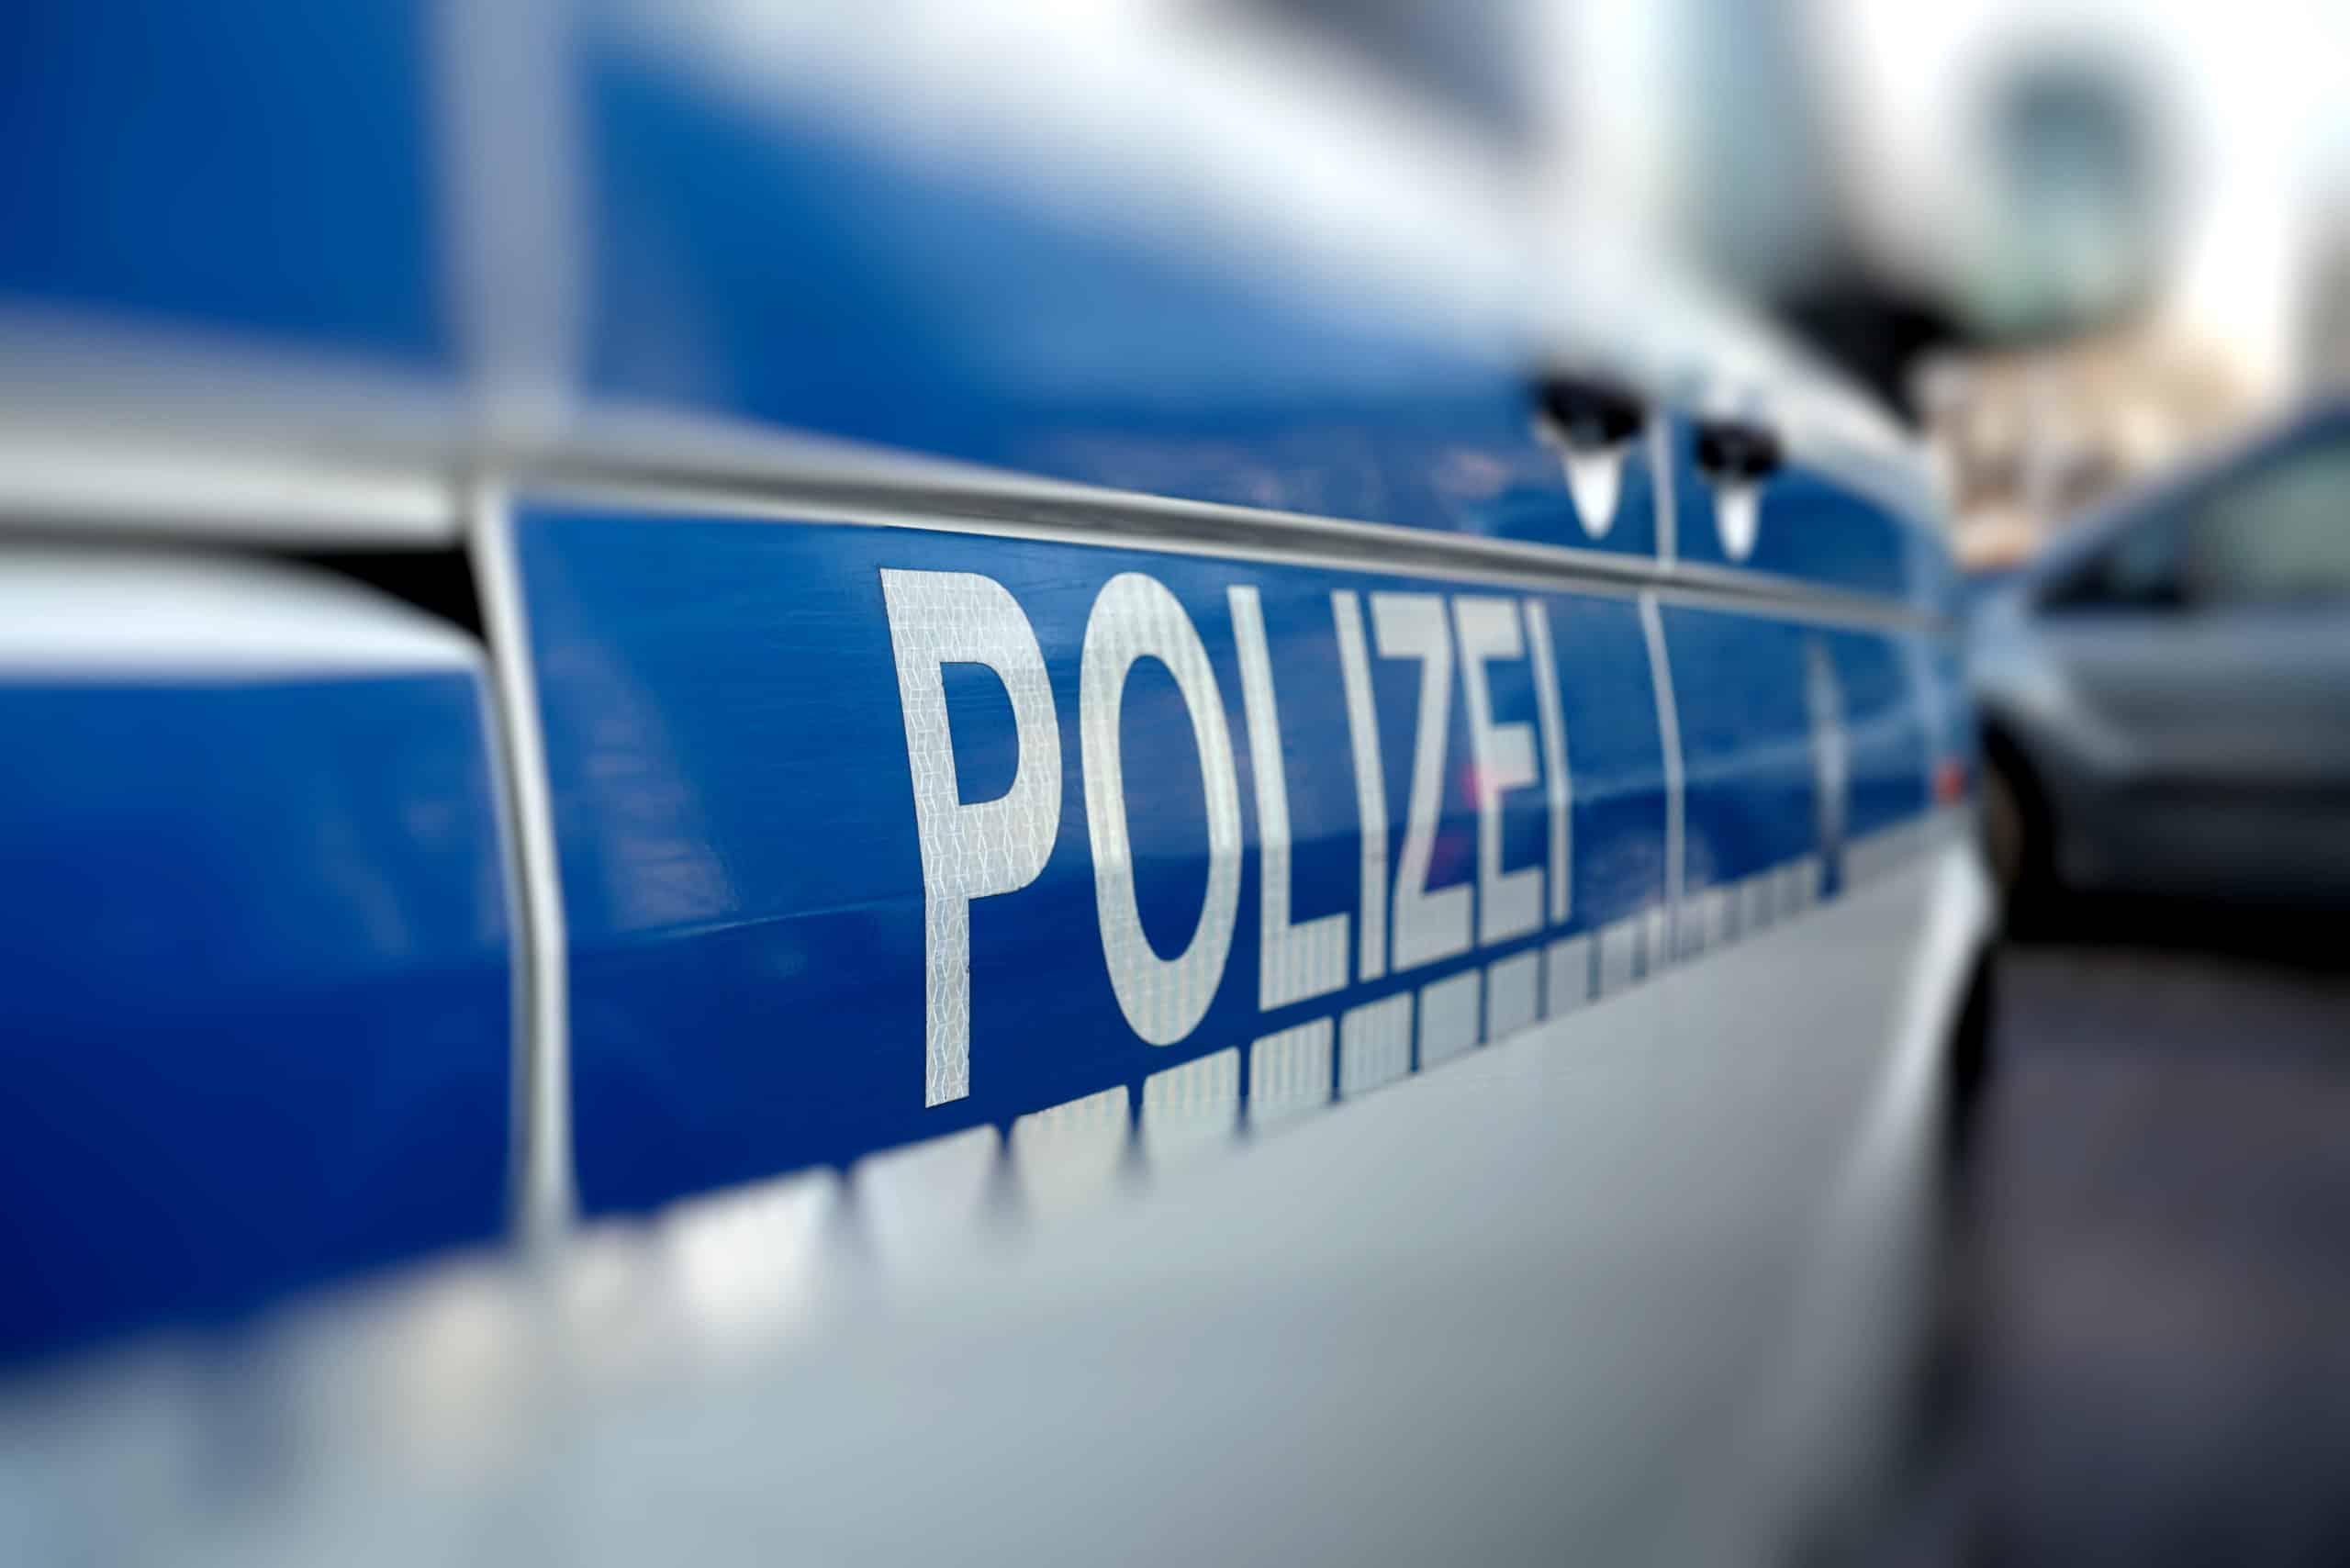 Übergabe an die Polizei - Waffenhandel Oltmanns